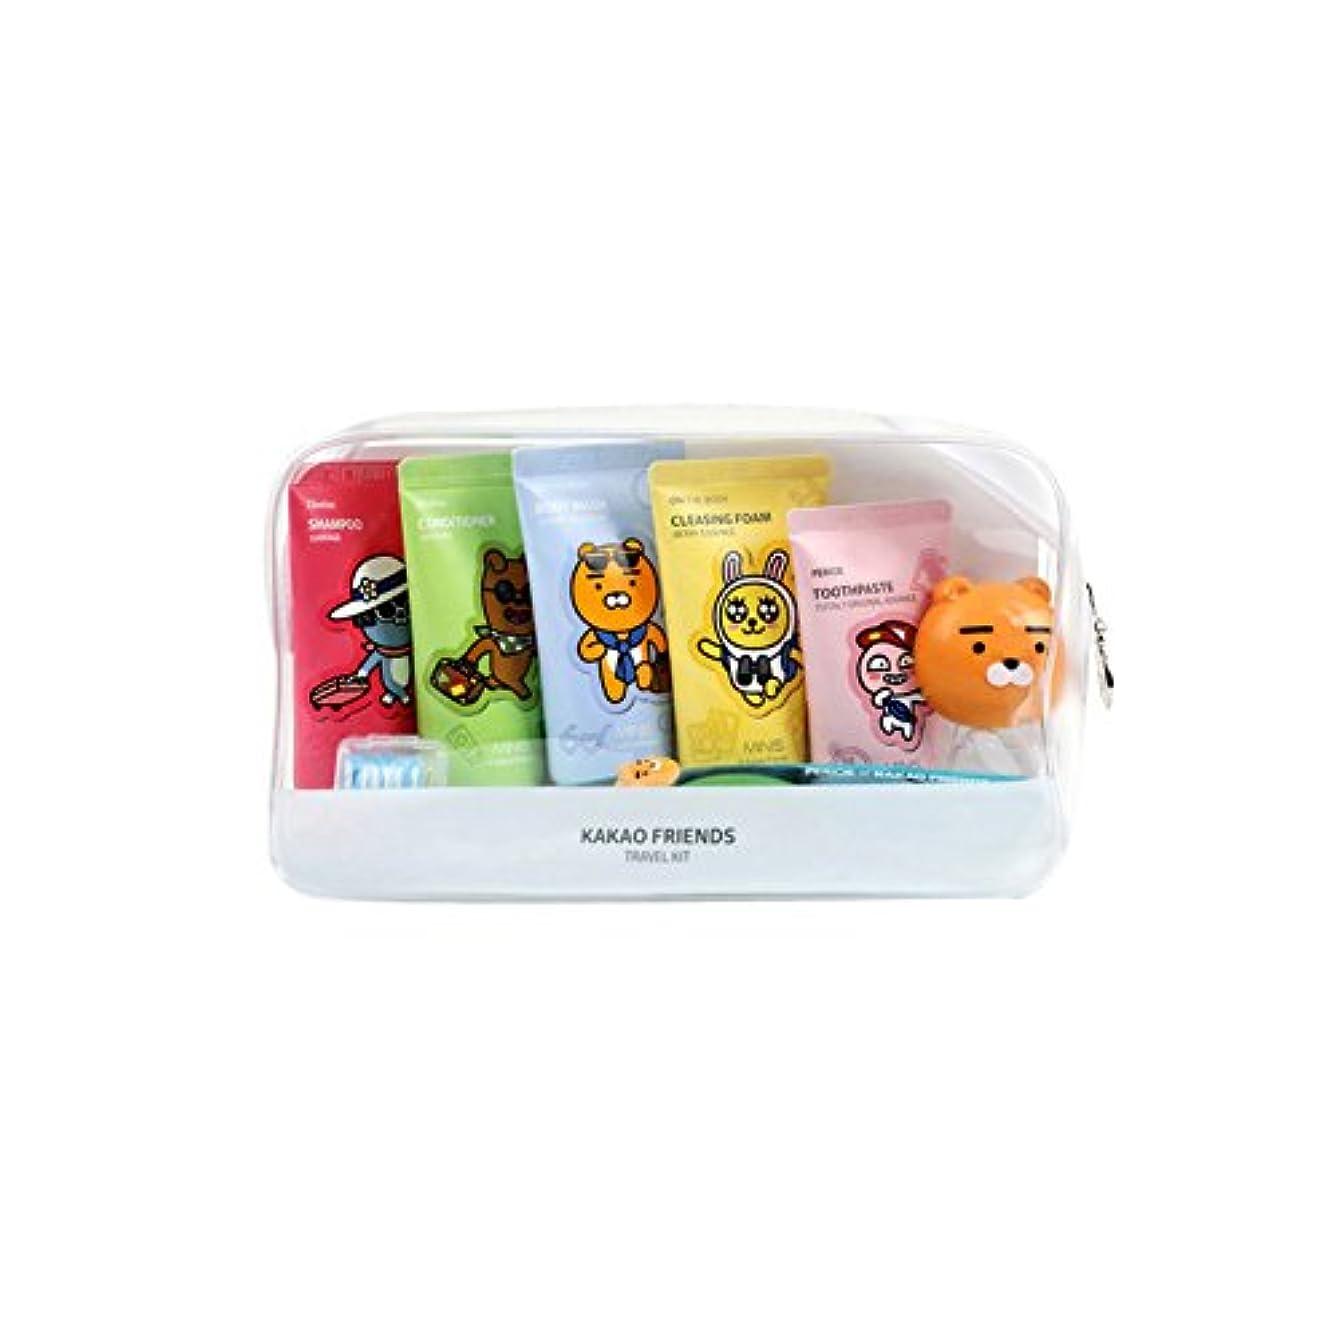 酸ヘビ多様体KAKAO Friends Convenience Travel Kit 7 Piece Shampoo,Conditioner,Body Wash,Cleansing Foam,Tooth Paste,Tooth Brush...